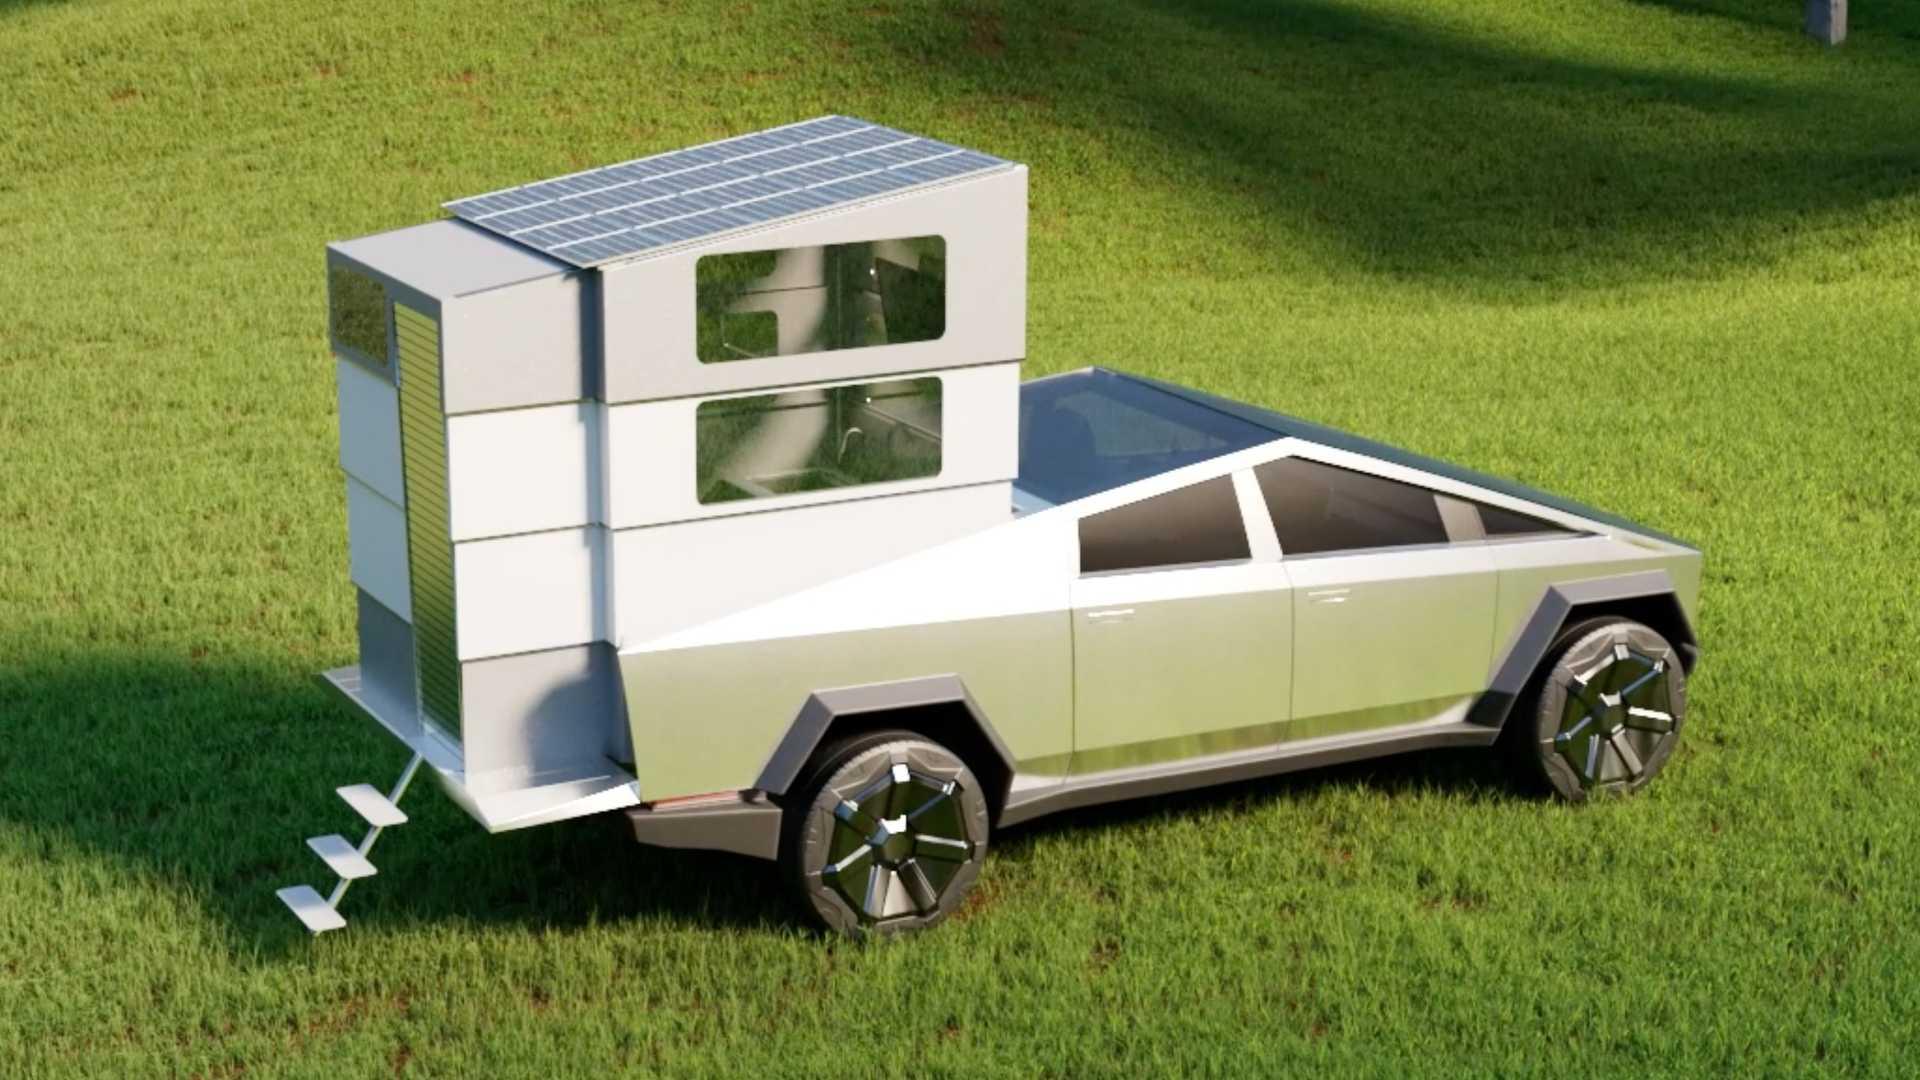 CyberLandr-Camper-For-Tesla-Cybertruck-3